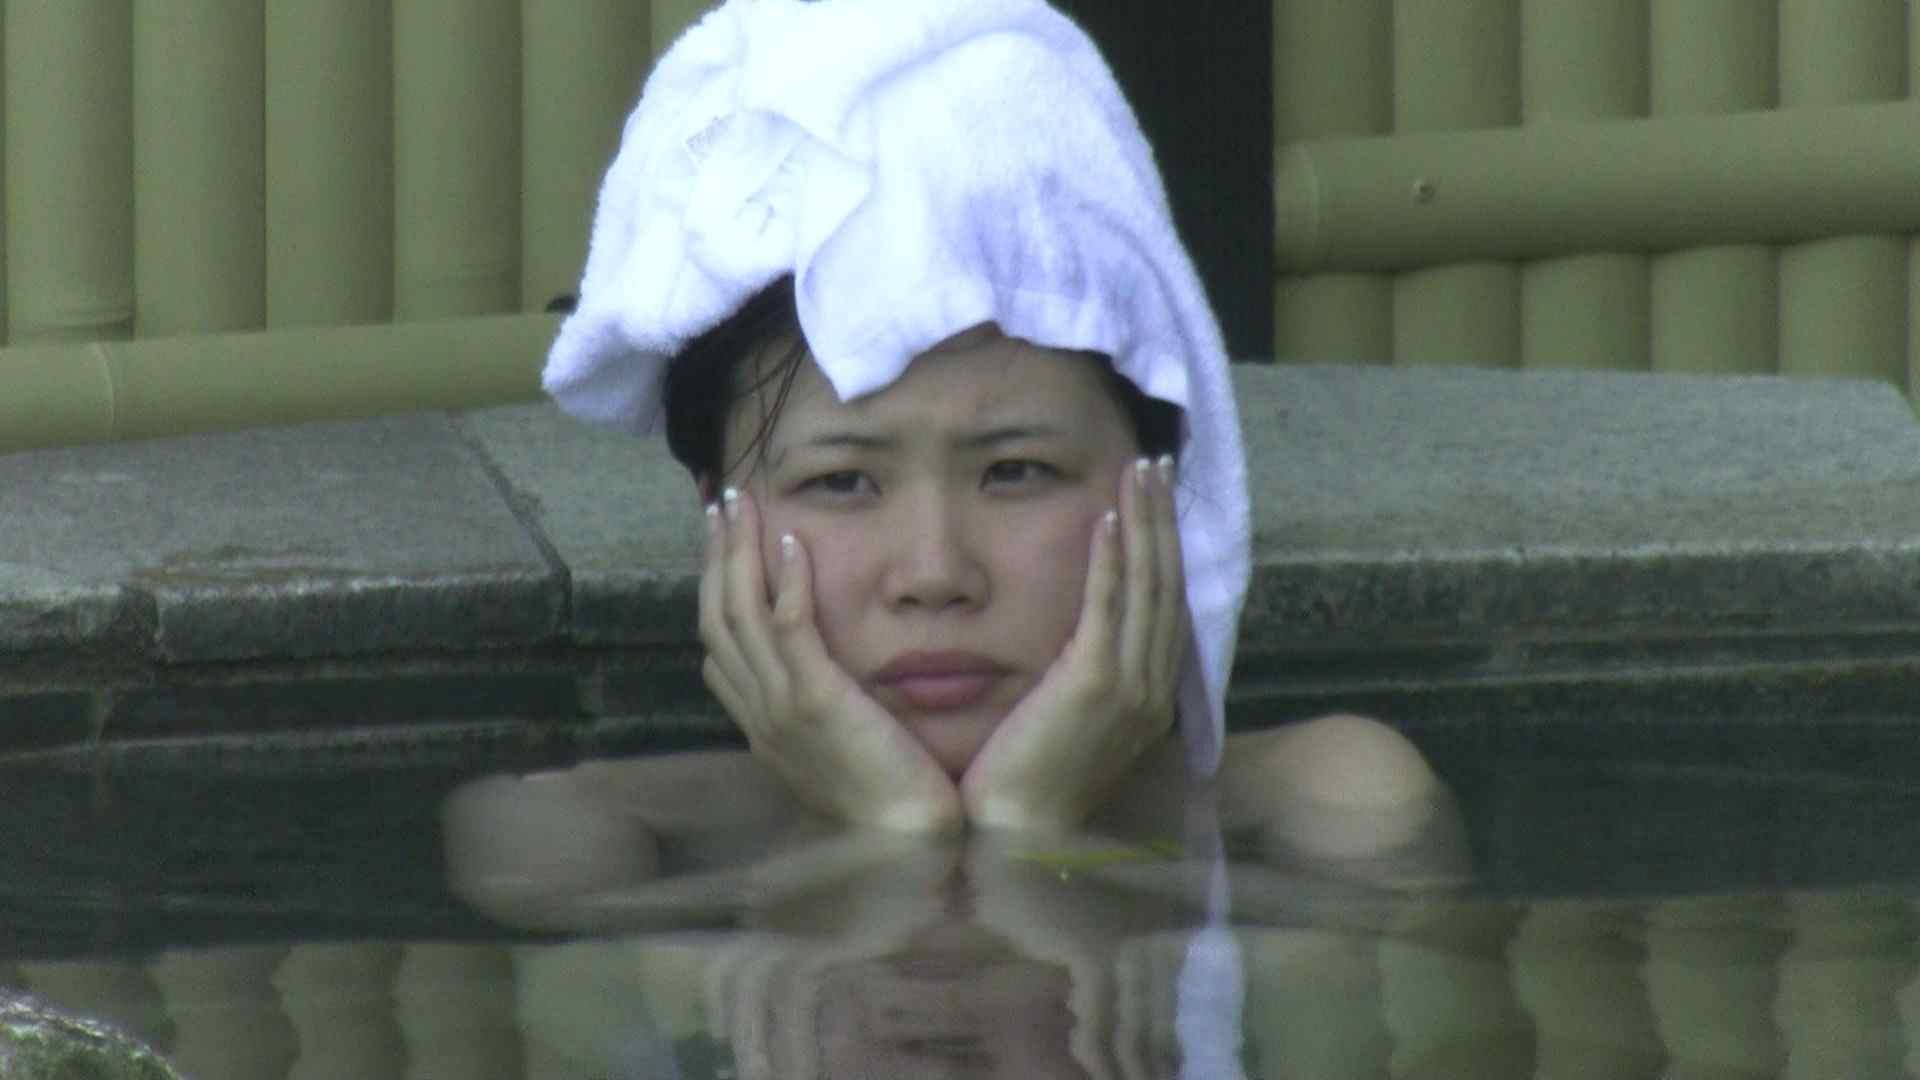 Aquaな露天風呂Vol.183 盗撮  69画像 69